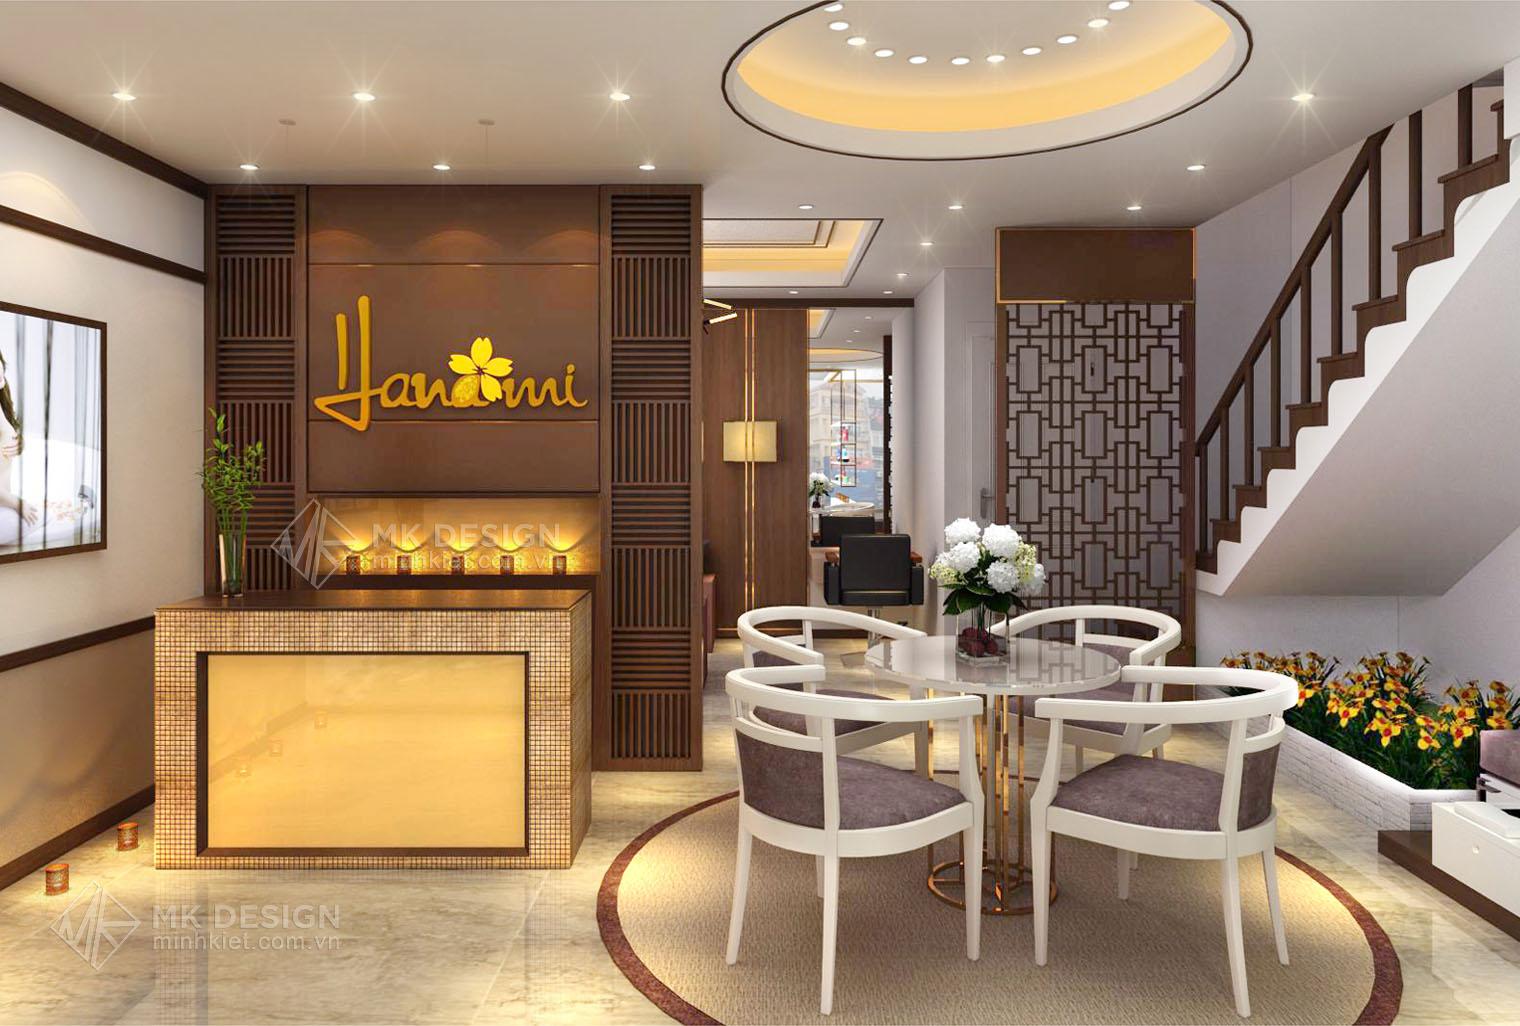 spa-Hana-Minh-Kiet-design02